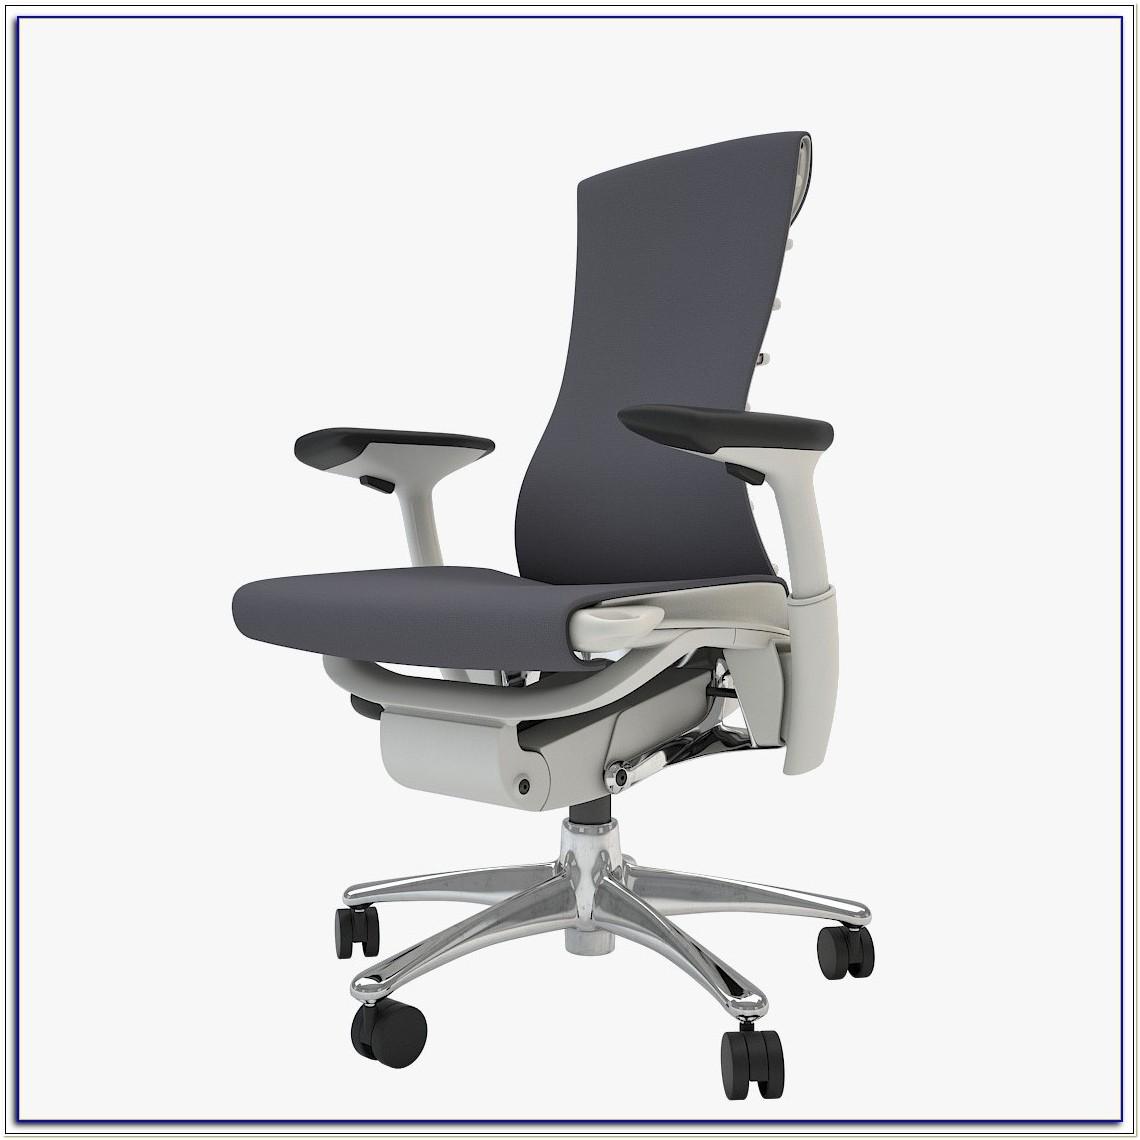 Herman Miller Embody Chair Used